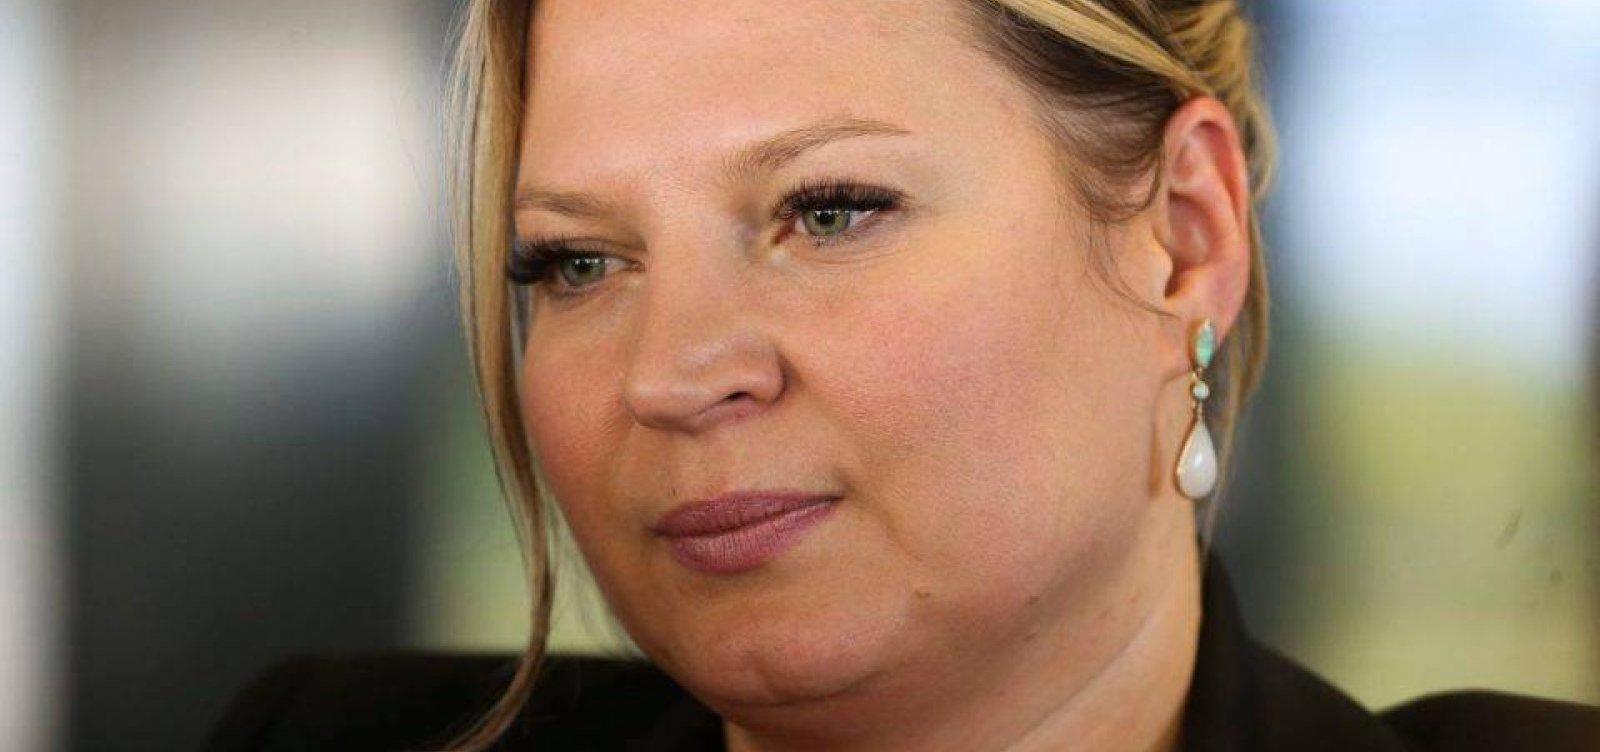 Joice Hasselmann chora ao relatar xingamentos e reação de filhos a ameaças